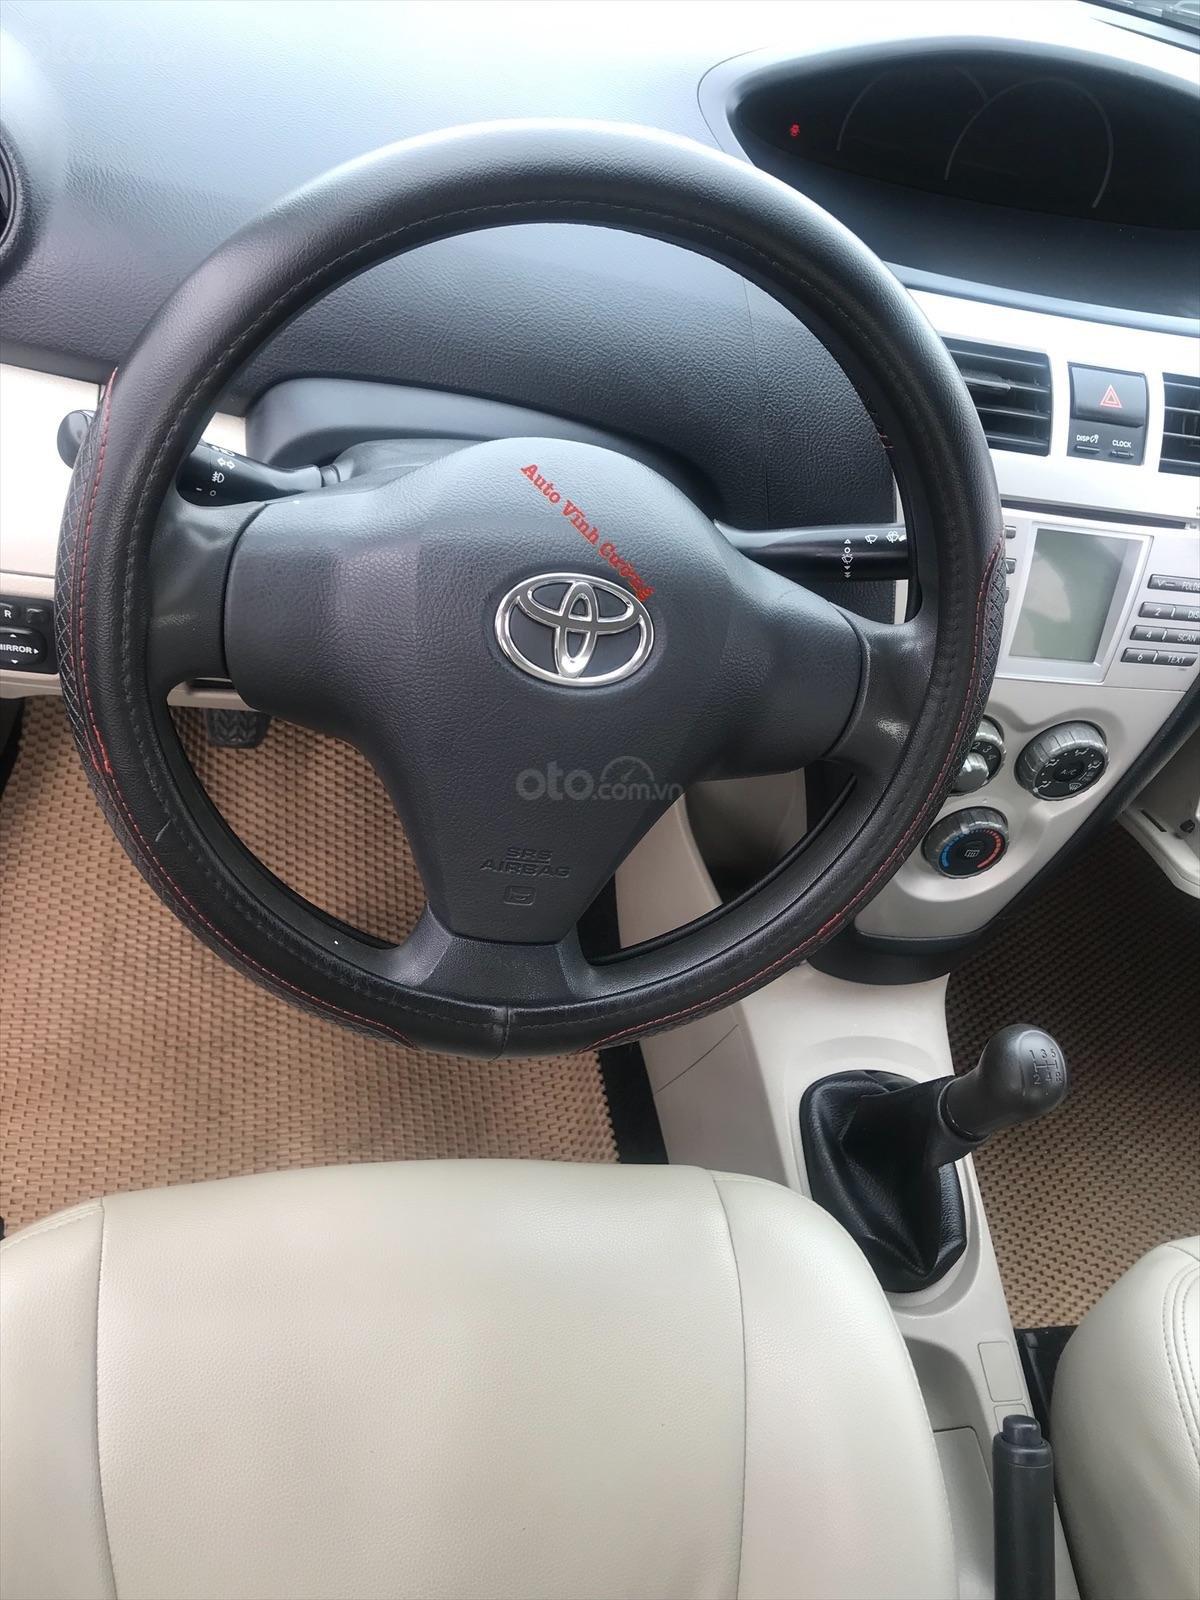 Bán xe Toyota Vios 1.5E MT đời 2009, màu đen-11